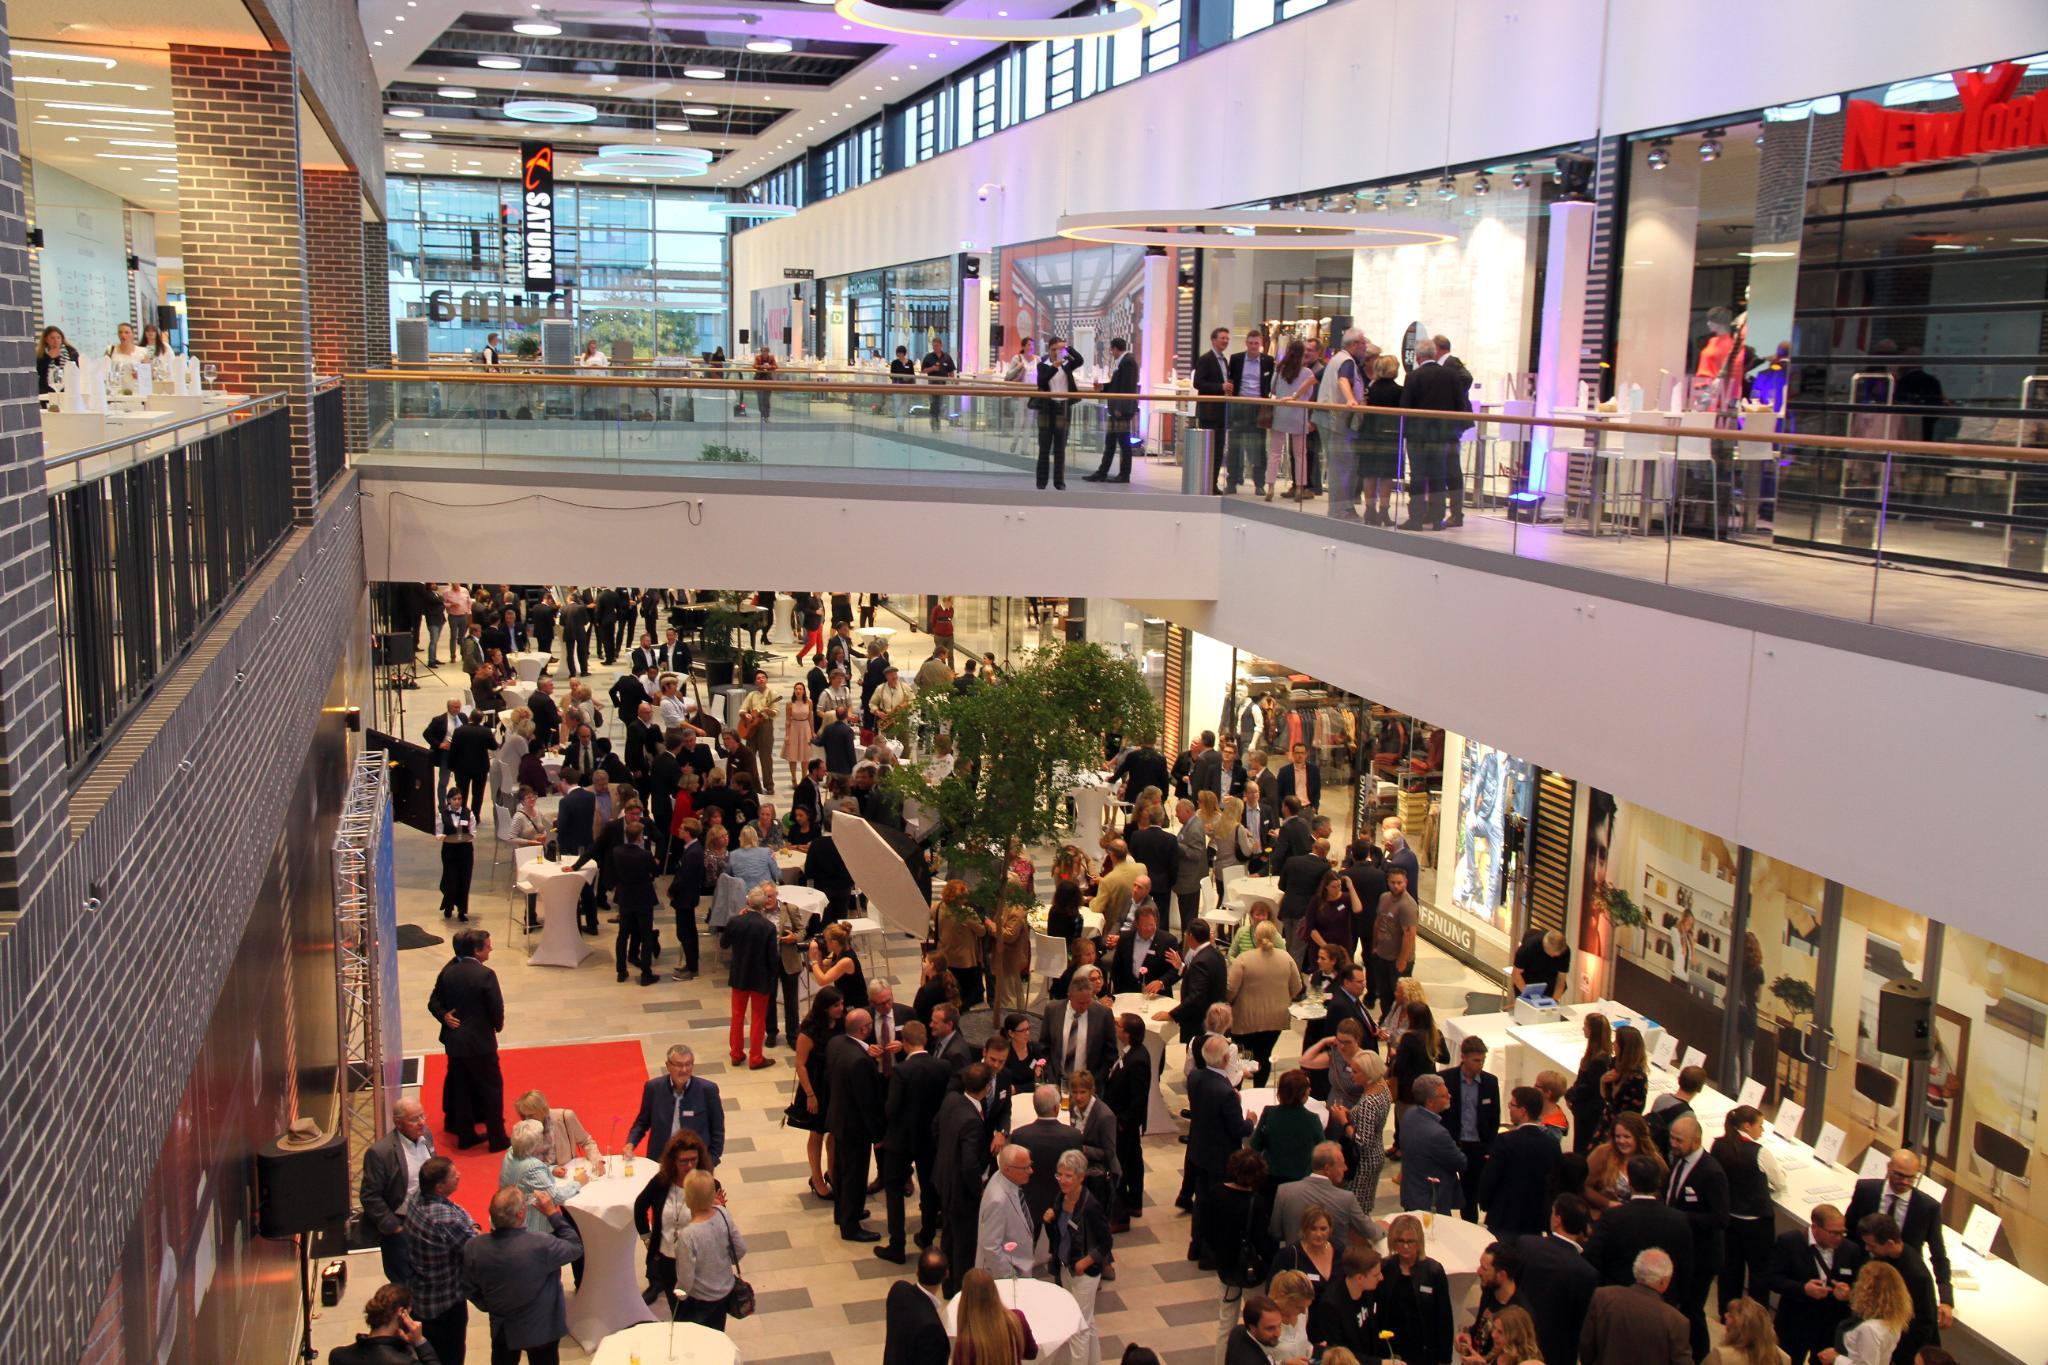 Neues Huma Läden Ab Es EinkaufszentrumDiese Gibt Im Sofort SpUMVz